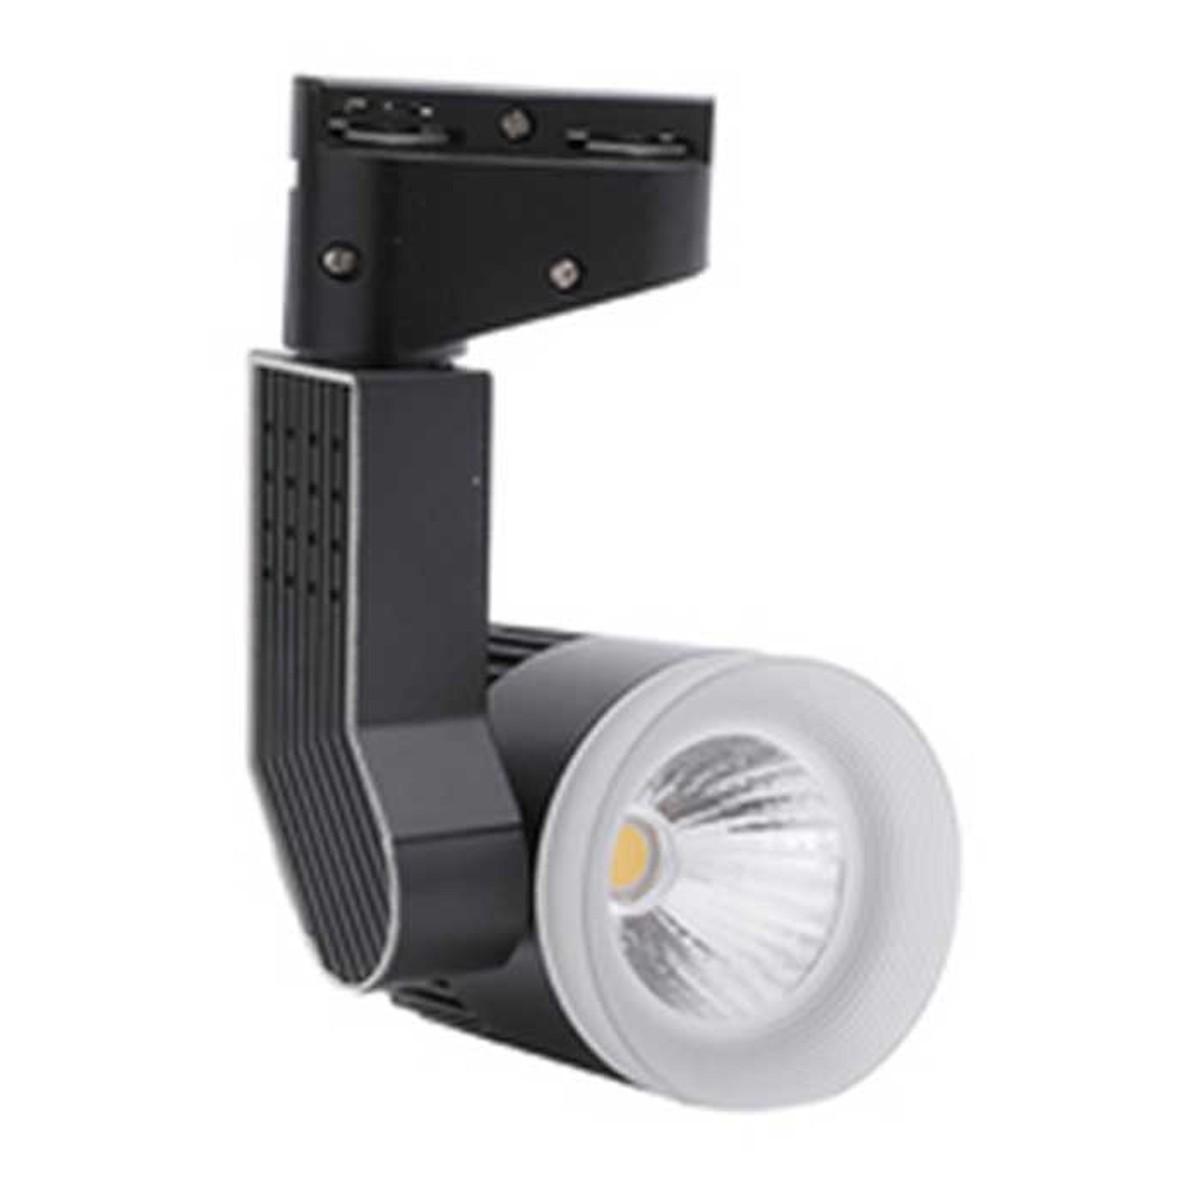 Đèn rọi cao cấp COB 0209 12W Tiết kiệm điện | Chiếu rọi sản phẩm | Trang trí trần nhà, cửa hàng thời trang, quán cà phê, showroom, triển lãm